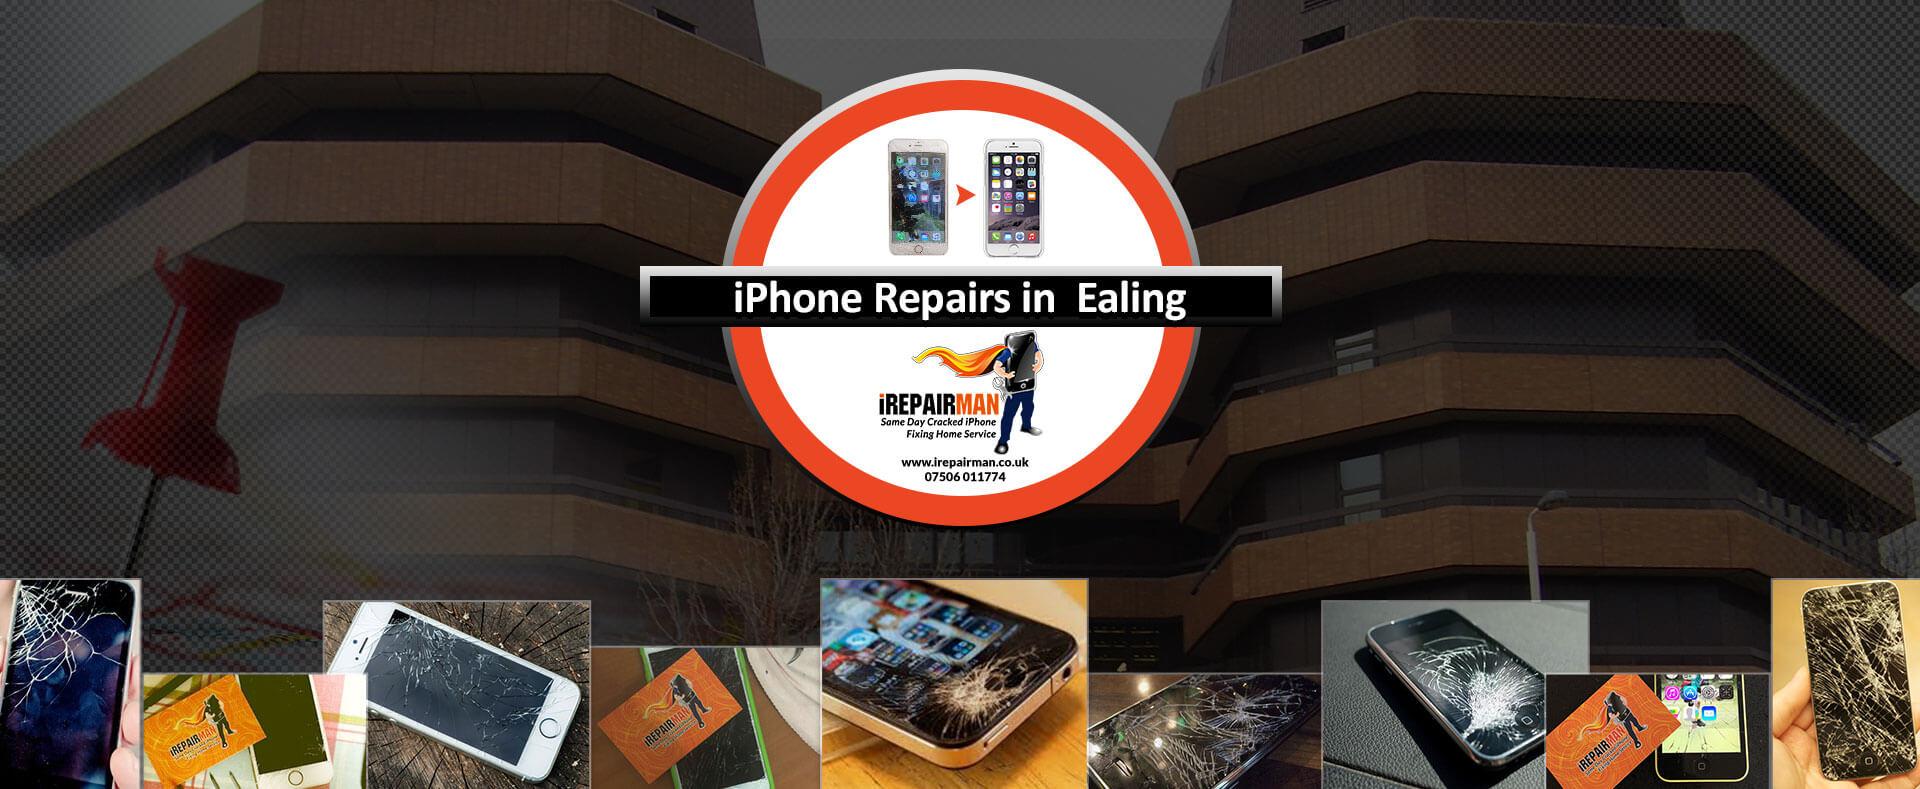 iphone-repairs-in-ealing